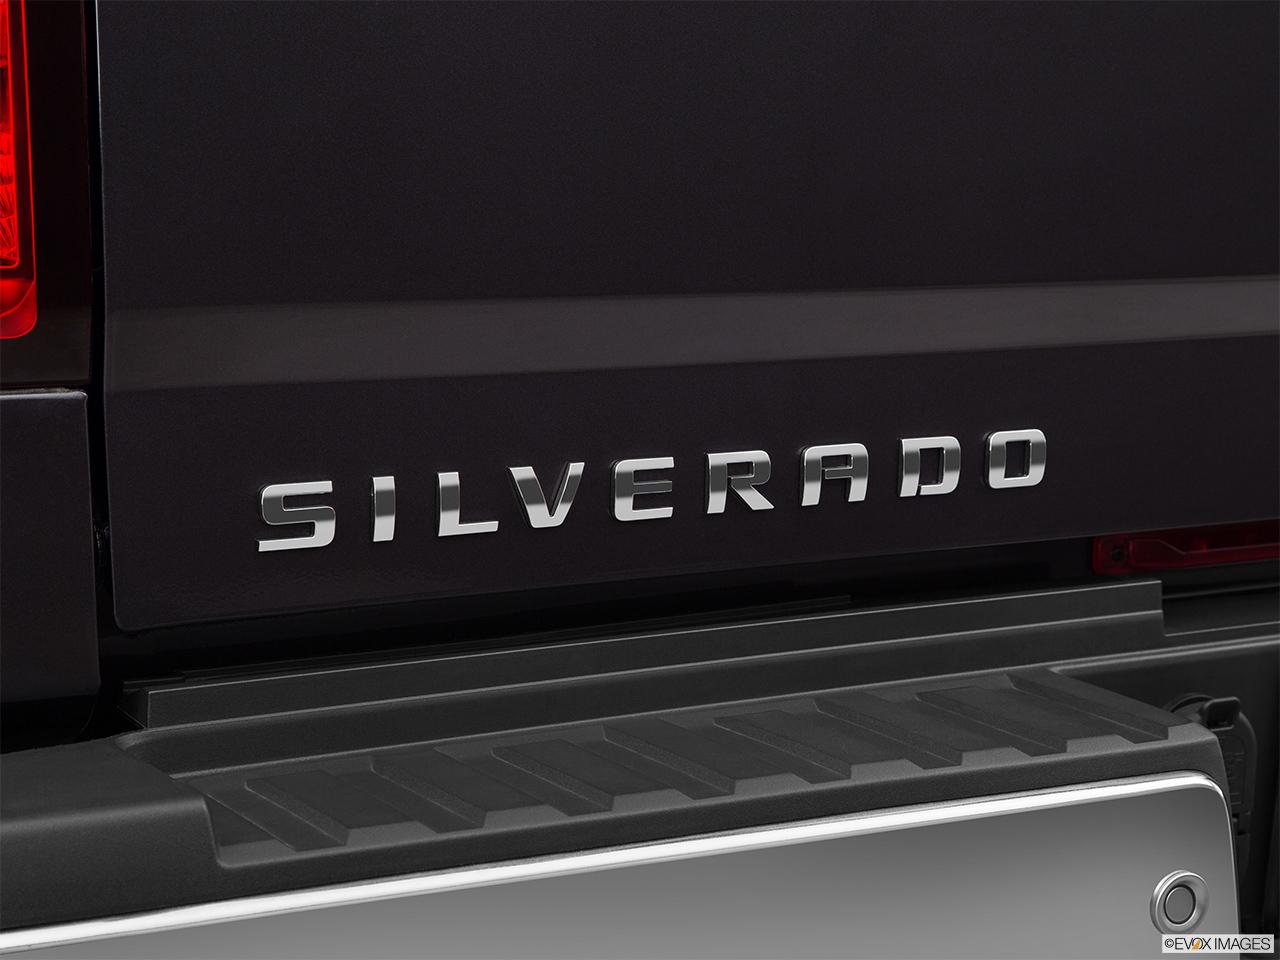 Silverado black chevy emblem for silverado : 10315_st1280_139.jpg